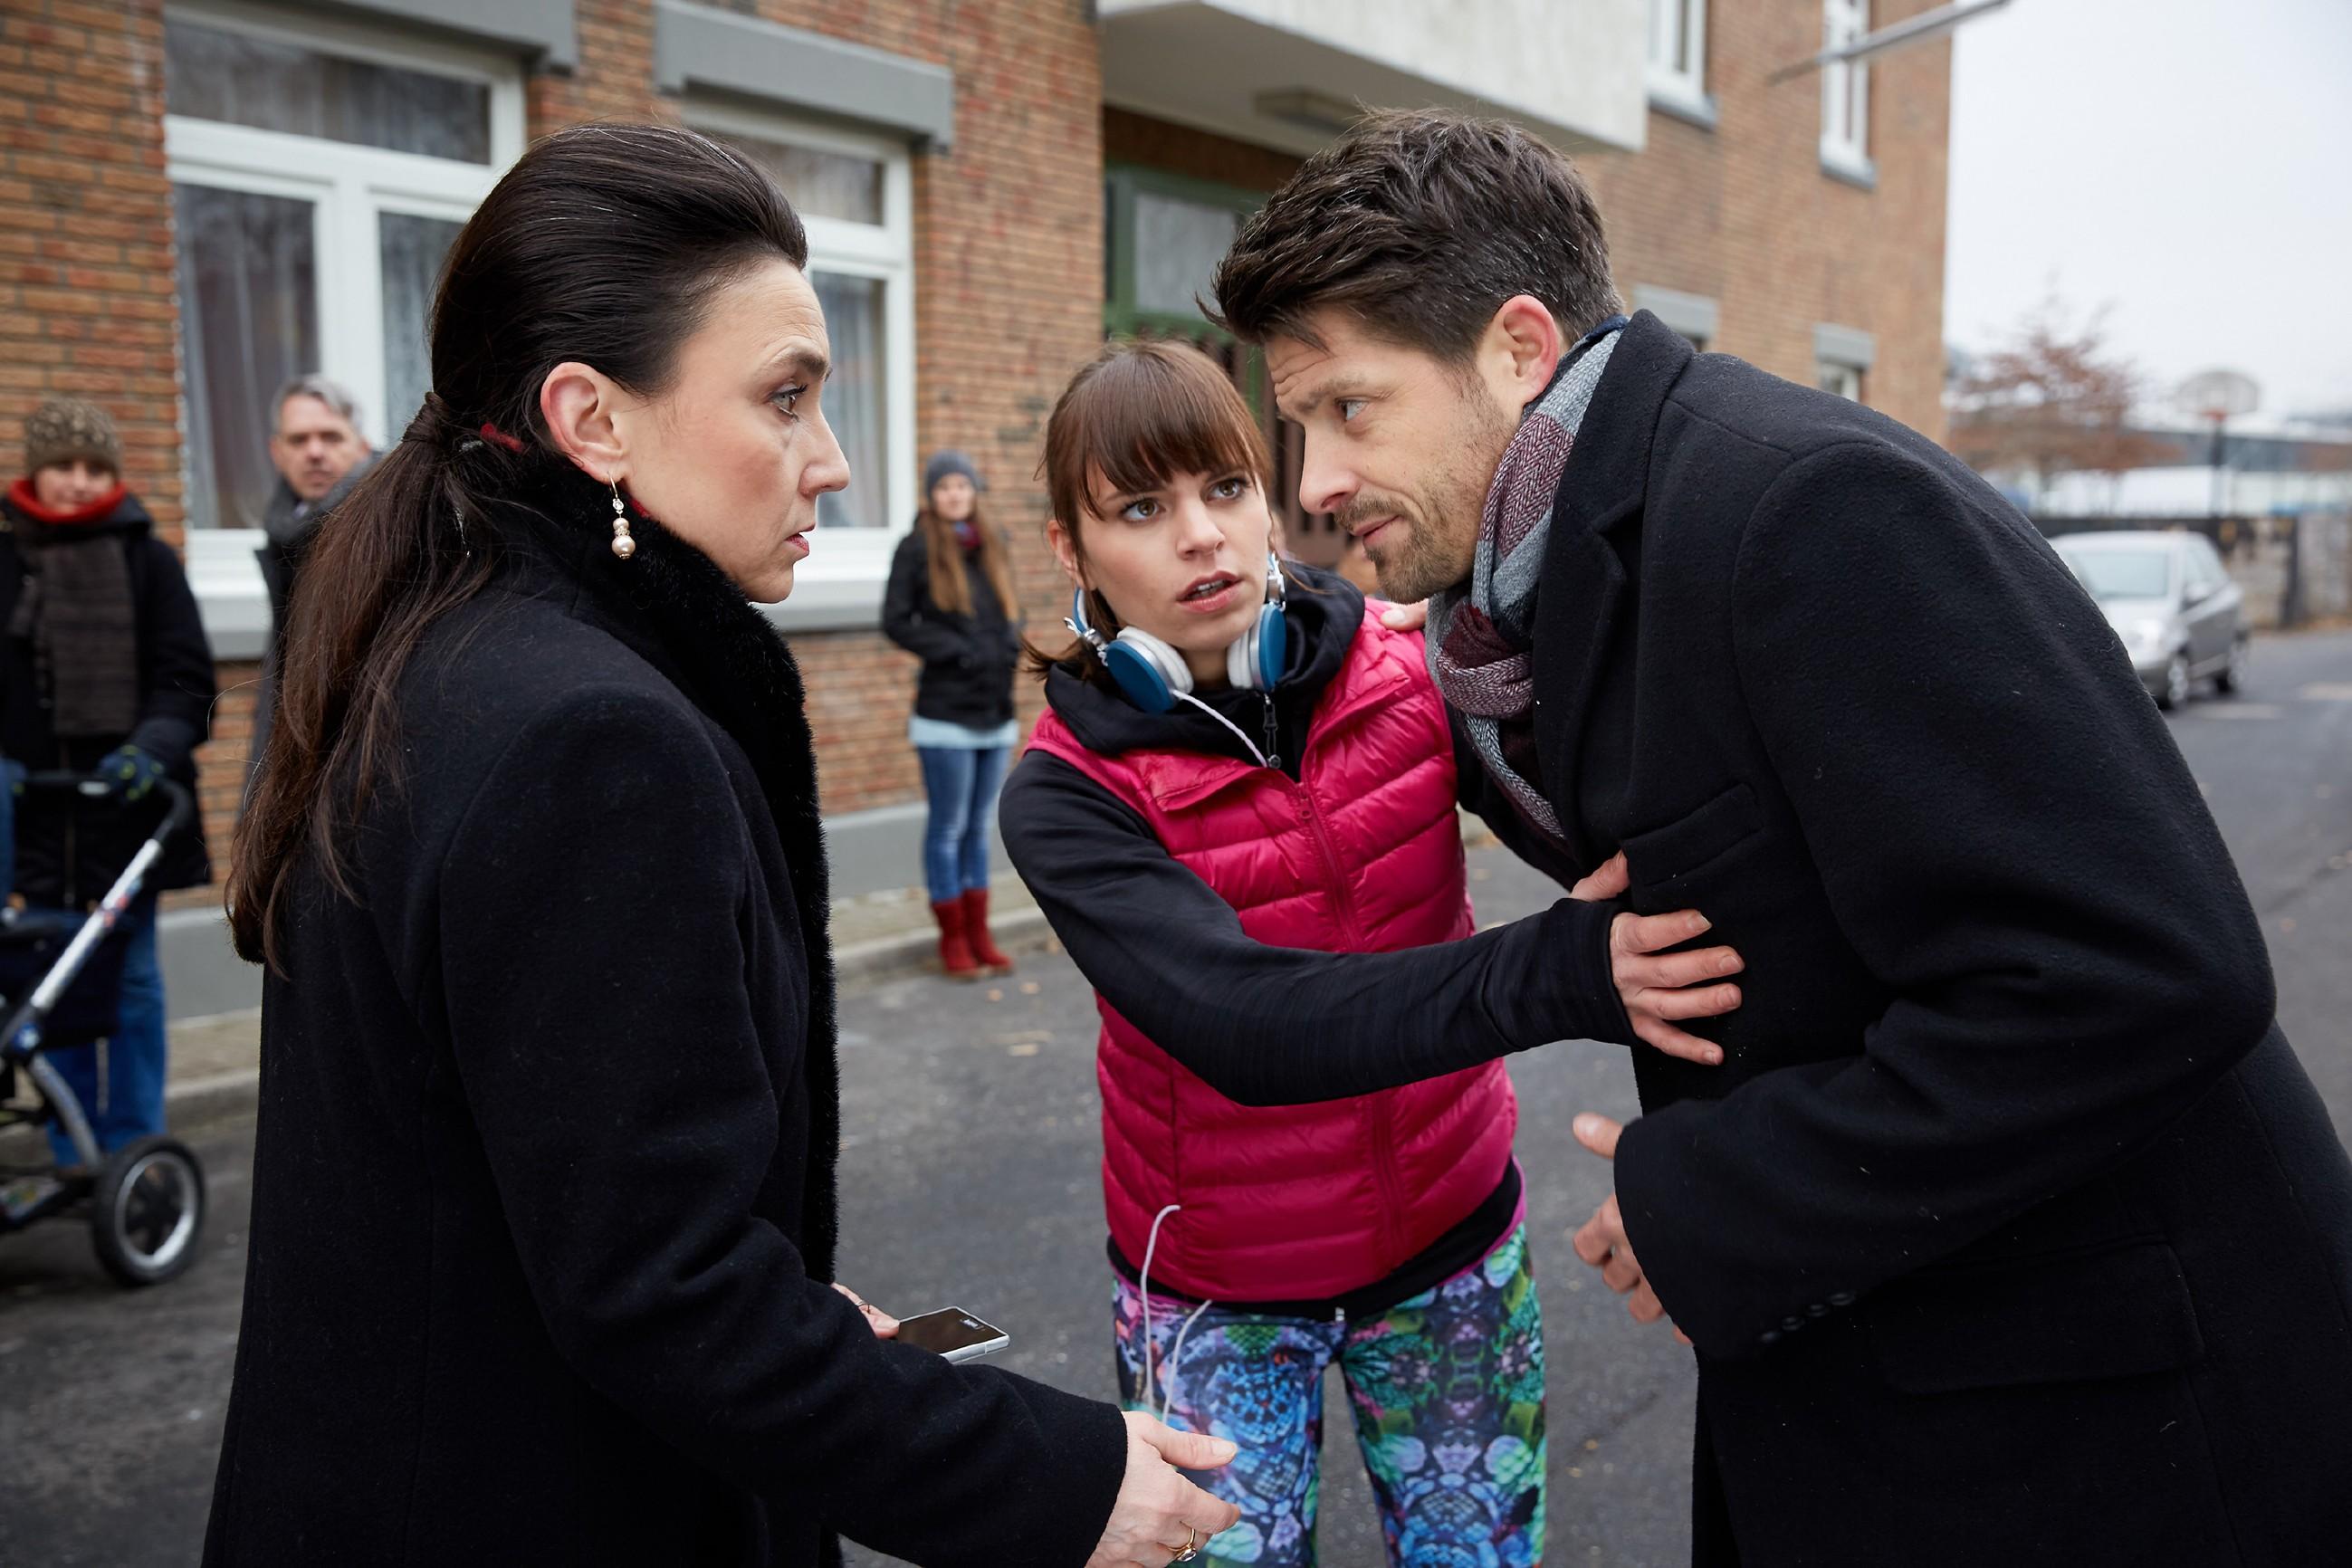 Während Vincents (Daniel Buder) Unfall Michelle (Franziska Benz, M.) ins Gefühlschaos stürzt, da er sie selbstlos gerettet hat, bietet Simone (Tatjana Clasing) Vincent an, ihn ins Krankenhaus zu begleiten.